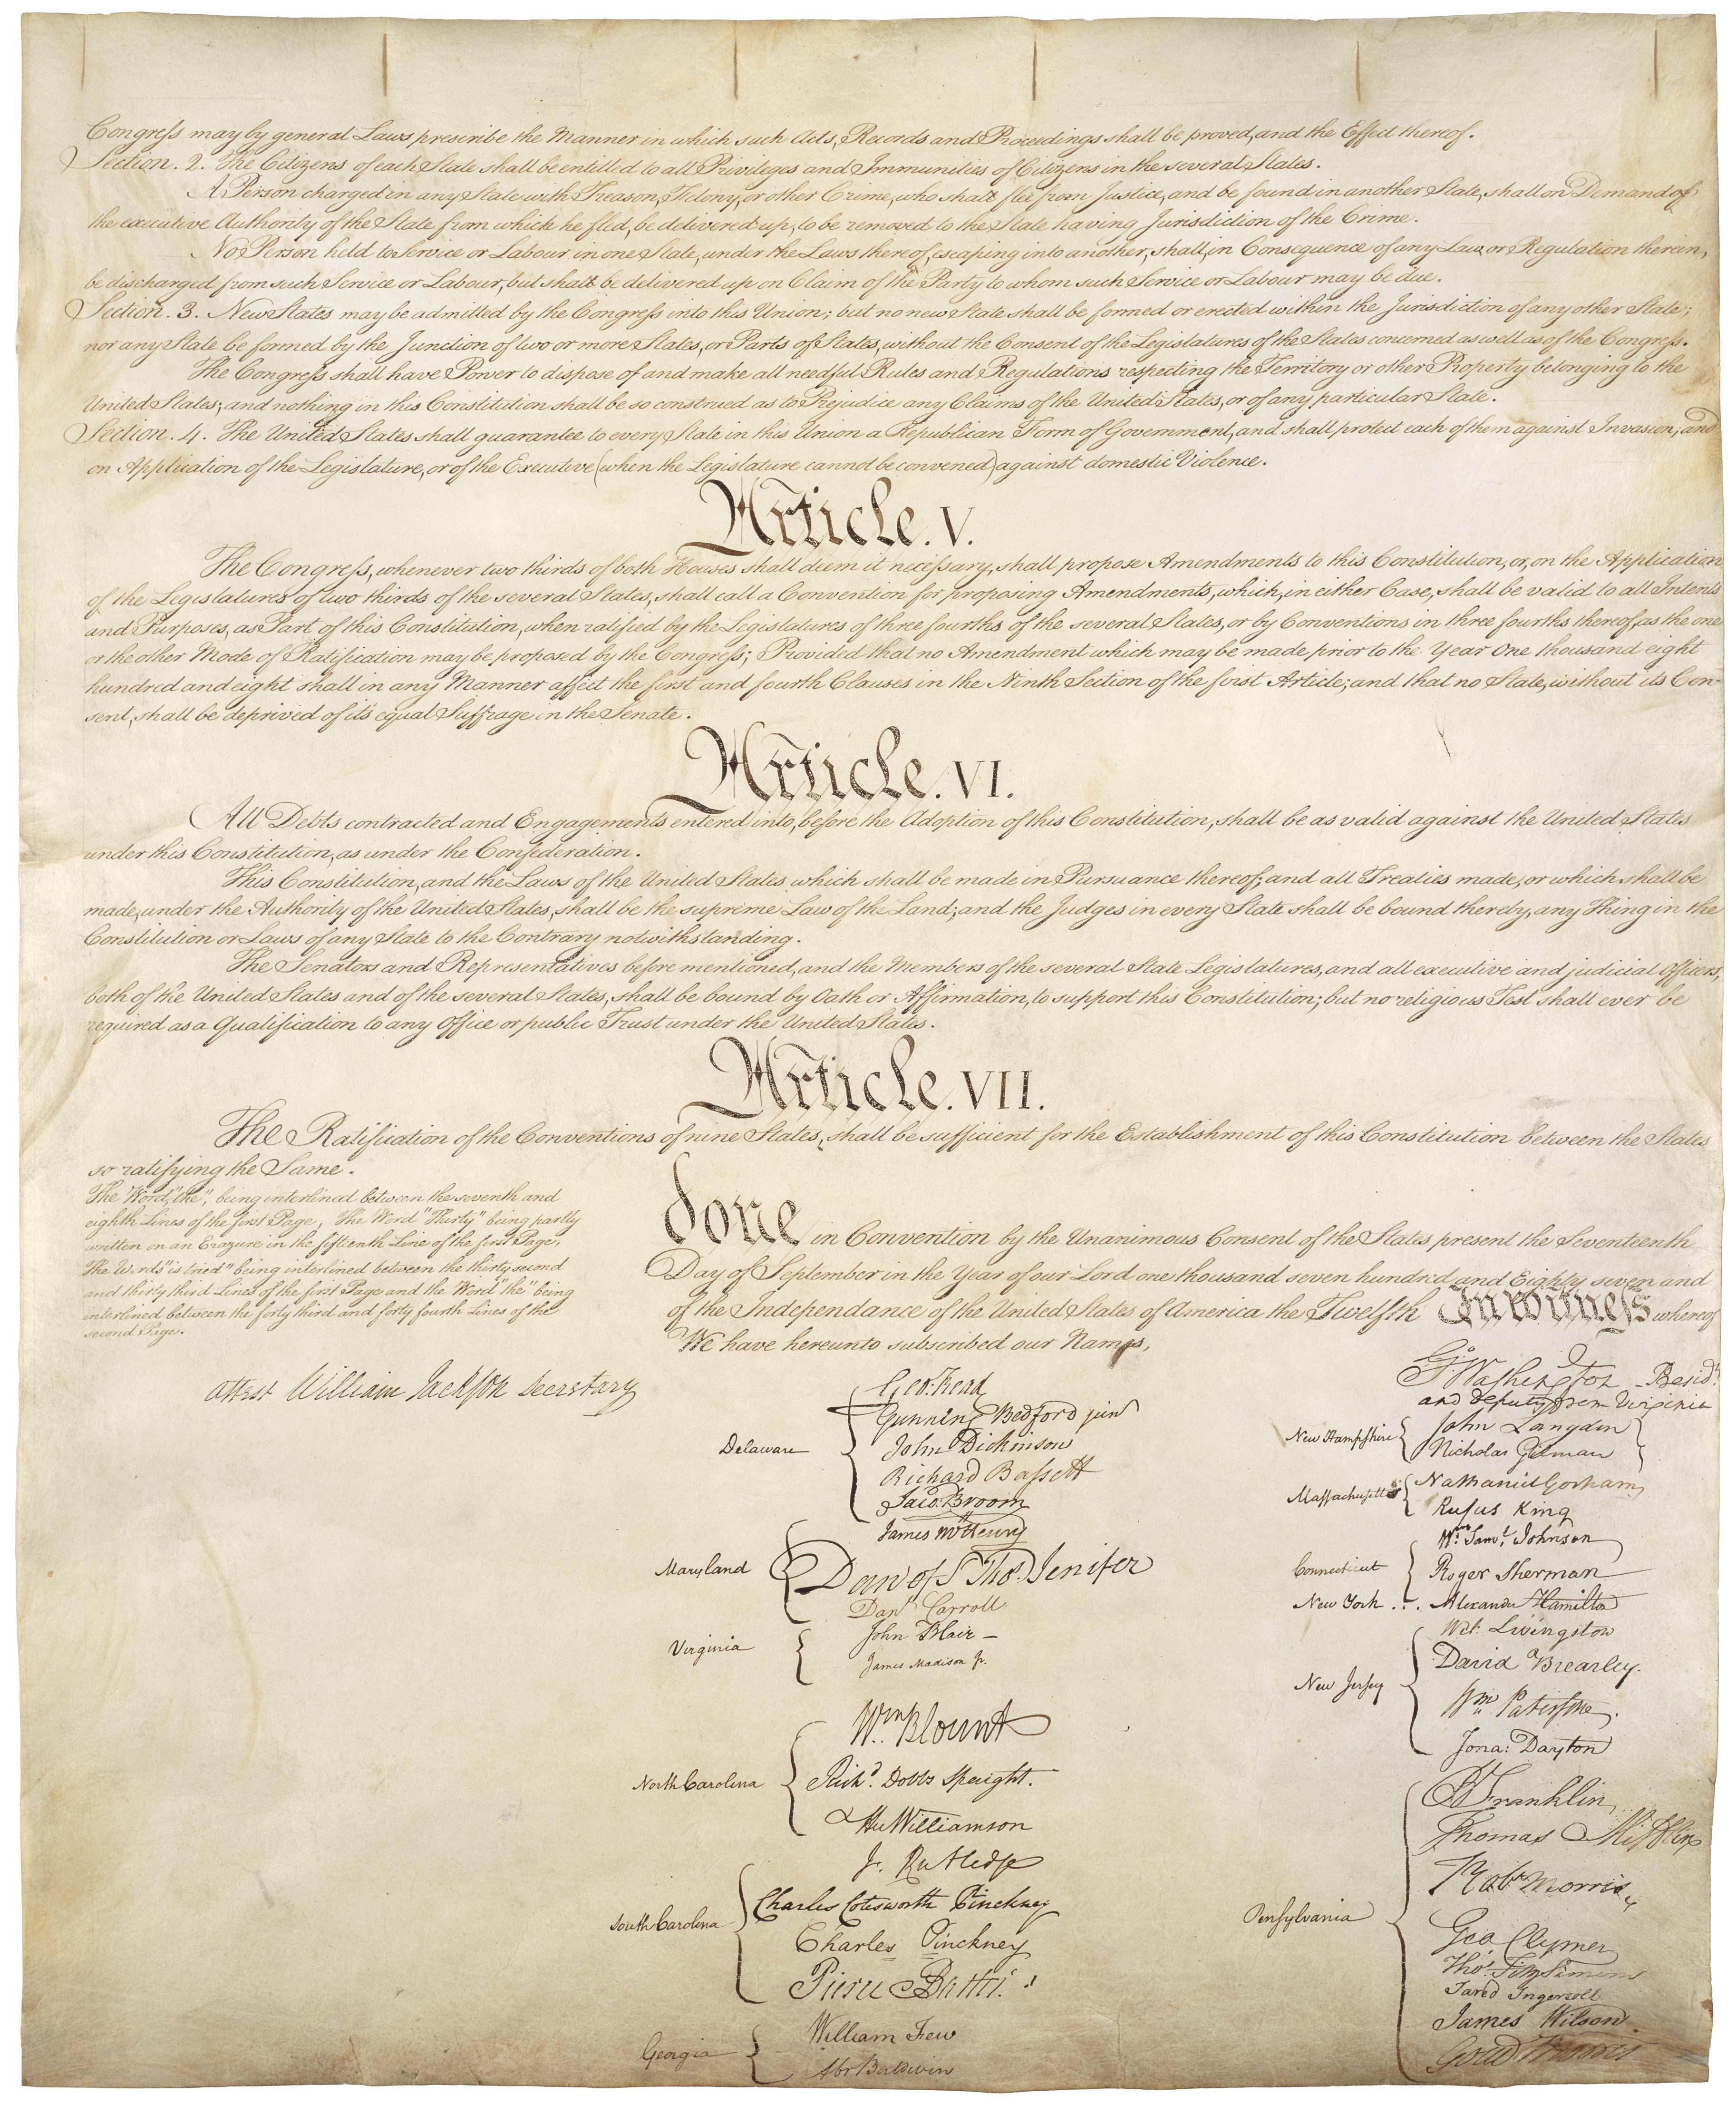 24765_Constitution_Pg4of4_AC.jpg